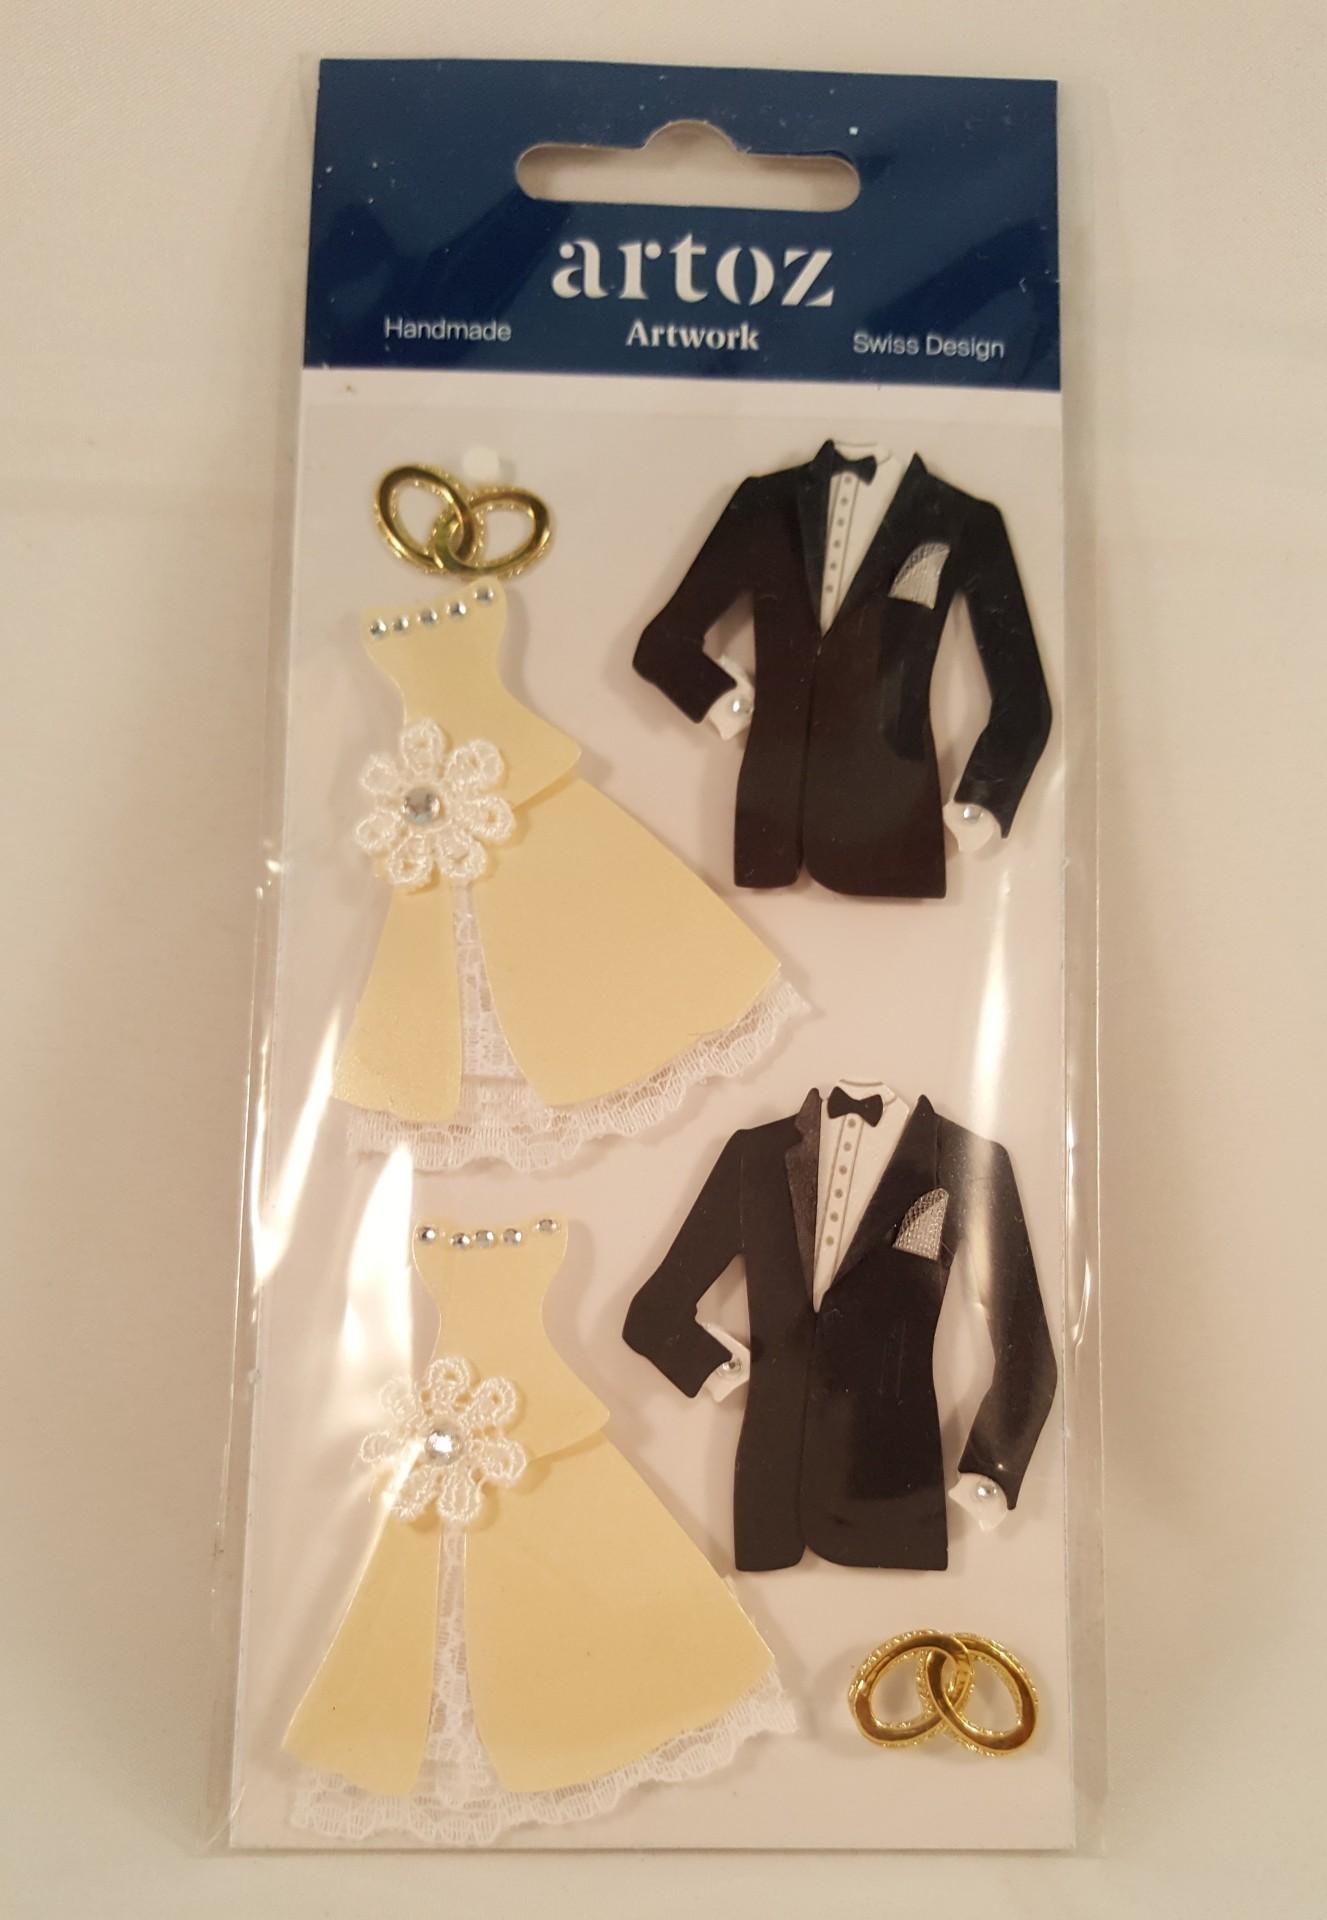 Aplicações scrapbooking -  roupa casamento Artoz Artwork